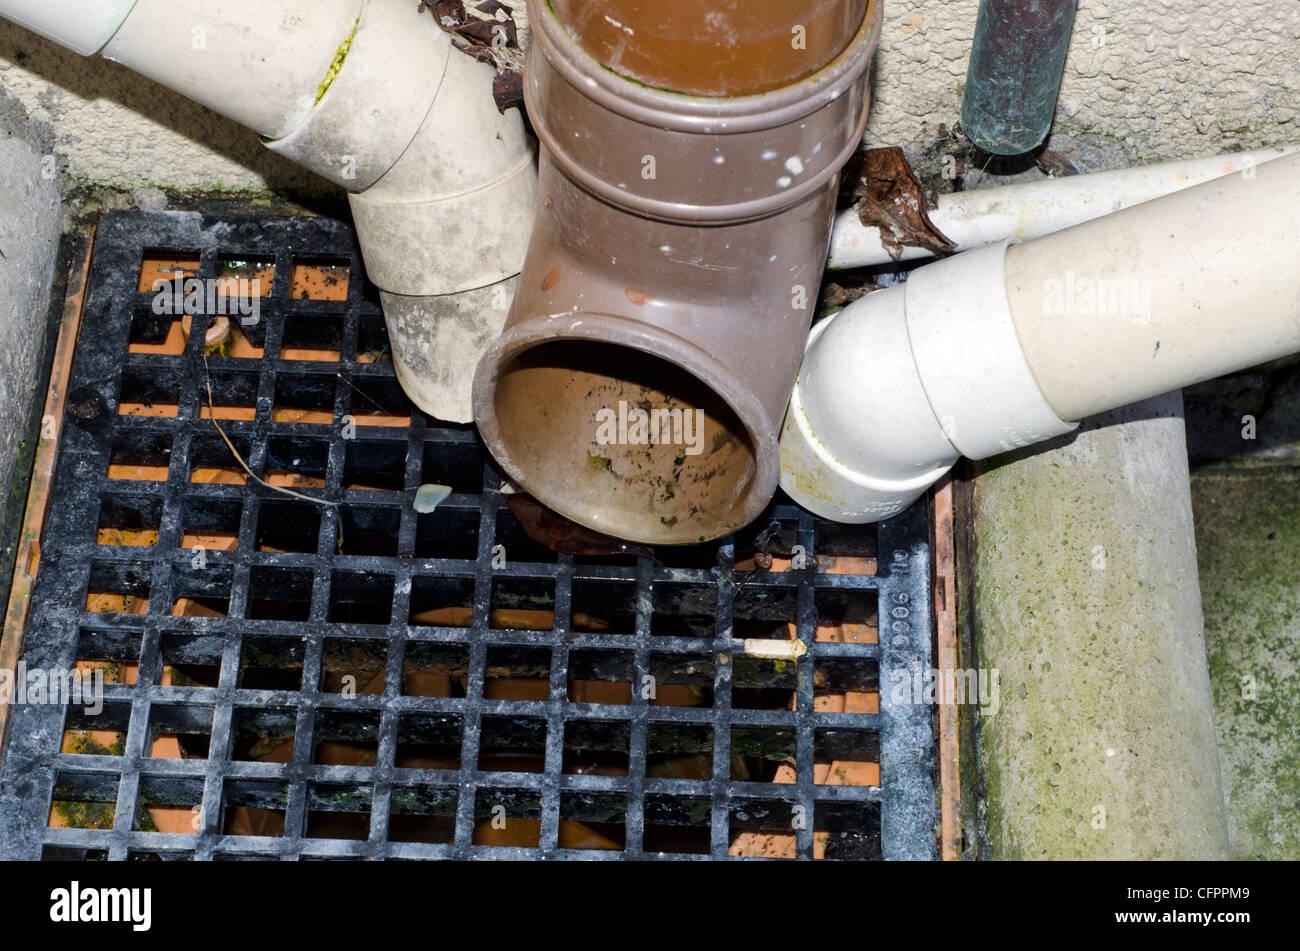 Piscine en plein air avec des tuyaux de vidange qui s'y jettent. Photo Stock